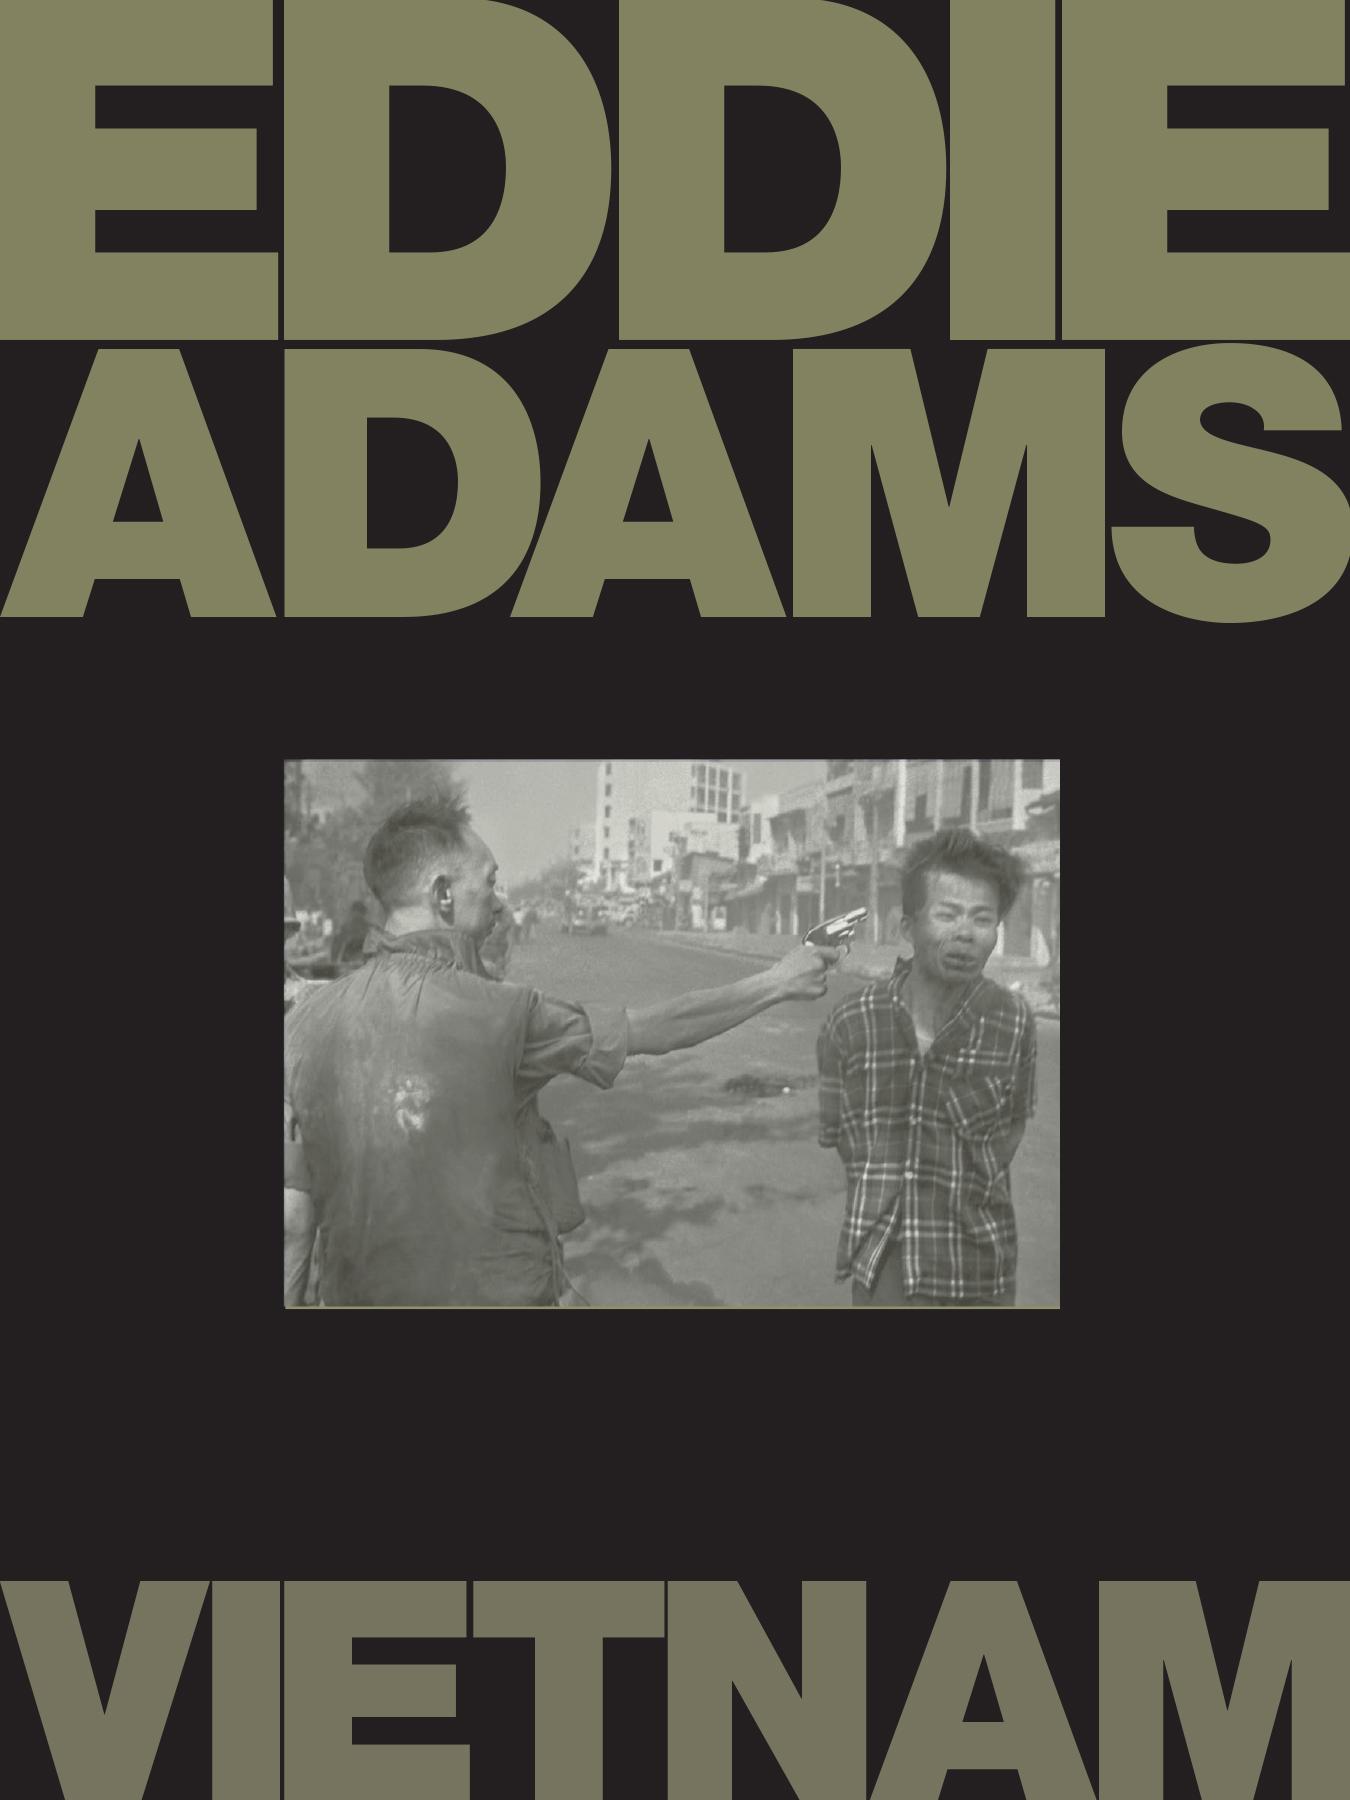 EDDIEADAMS-VIETNAM-FINAL-1.jpg